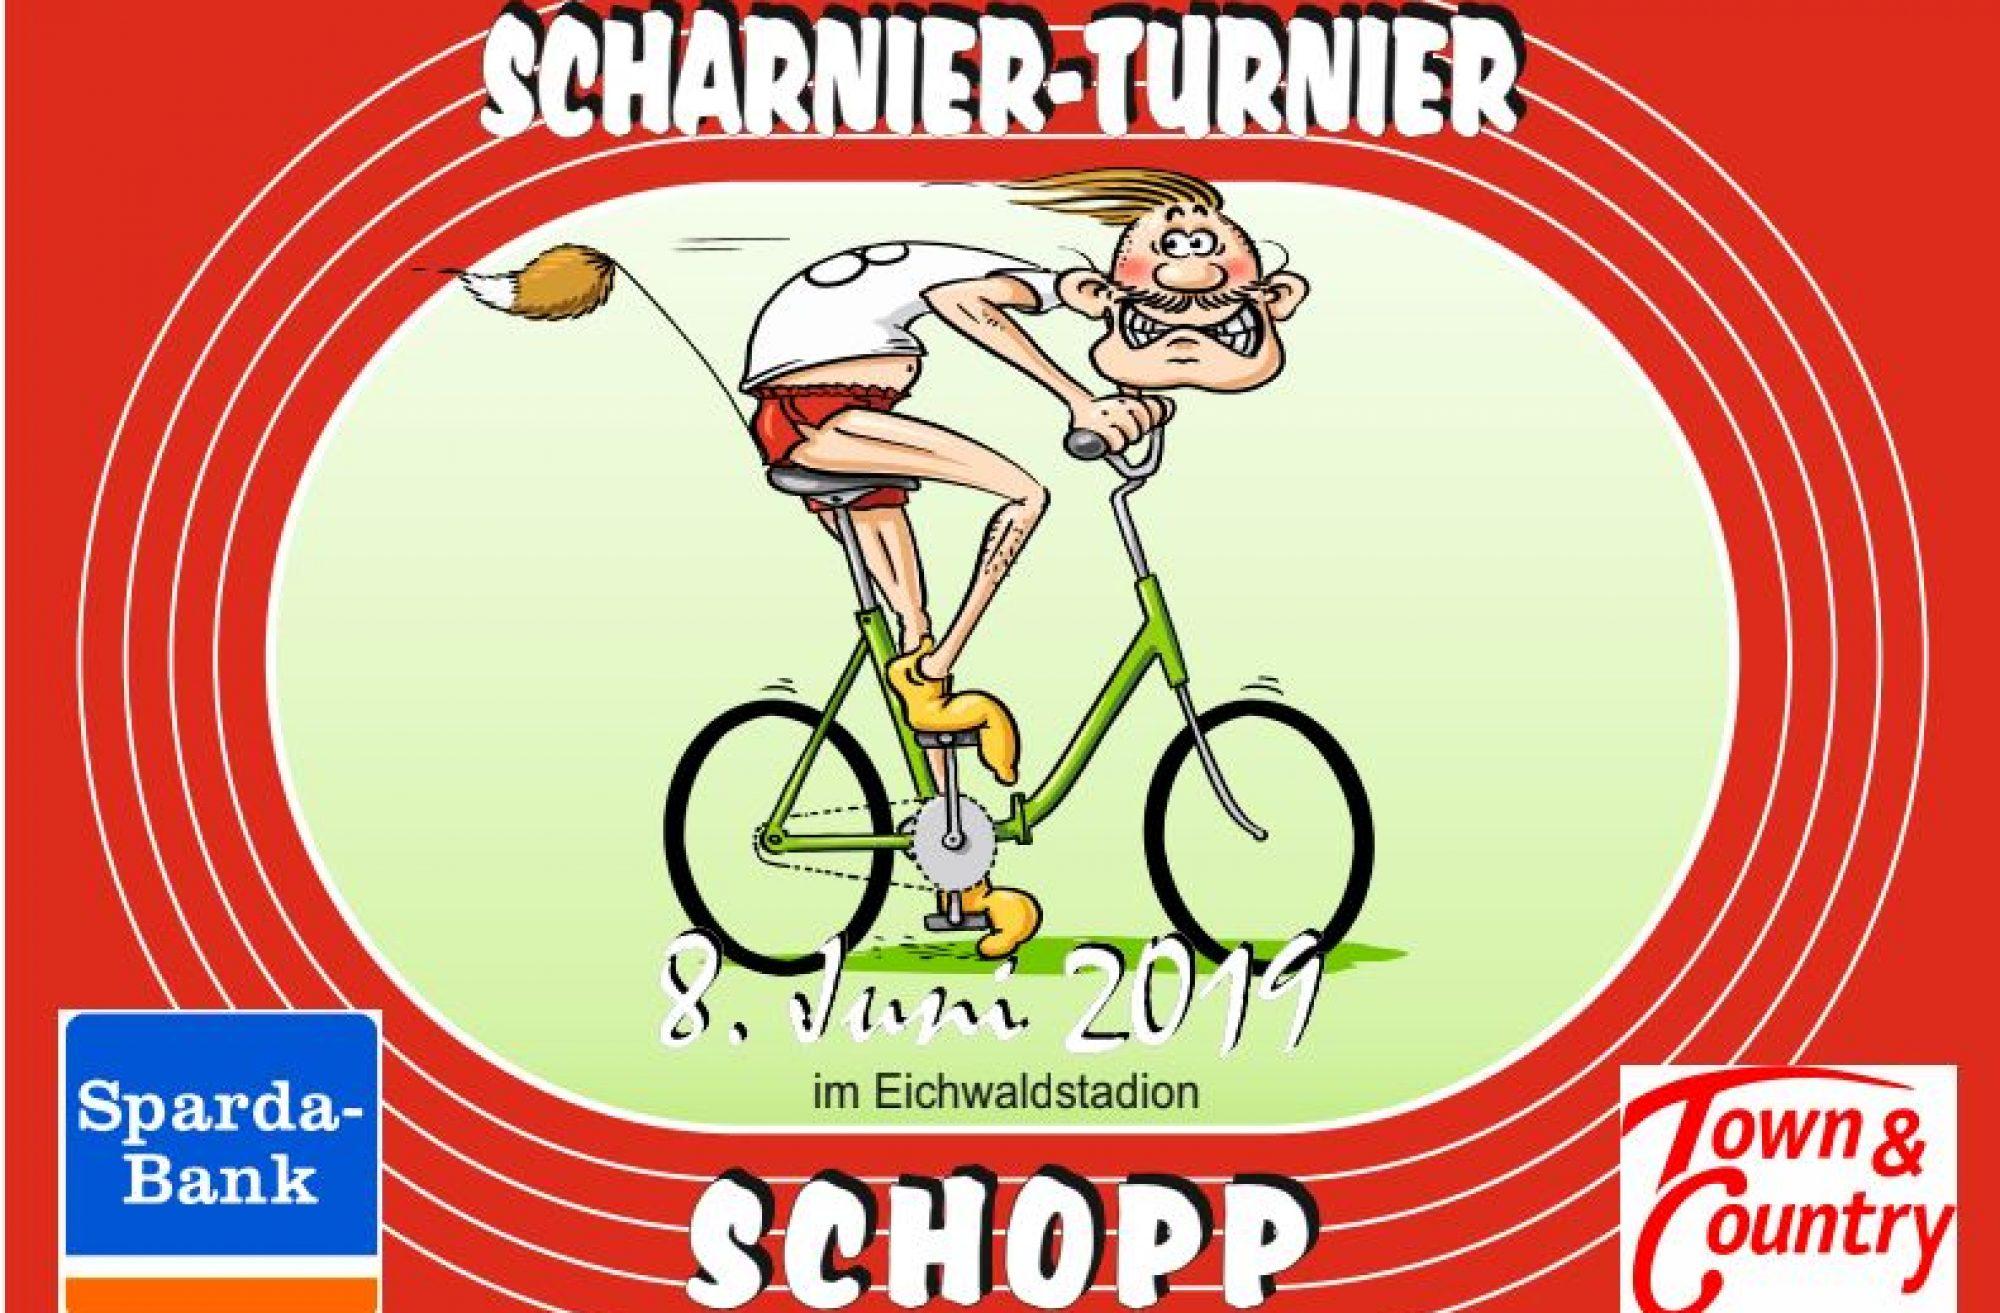 Scharnier-Turnier